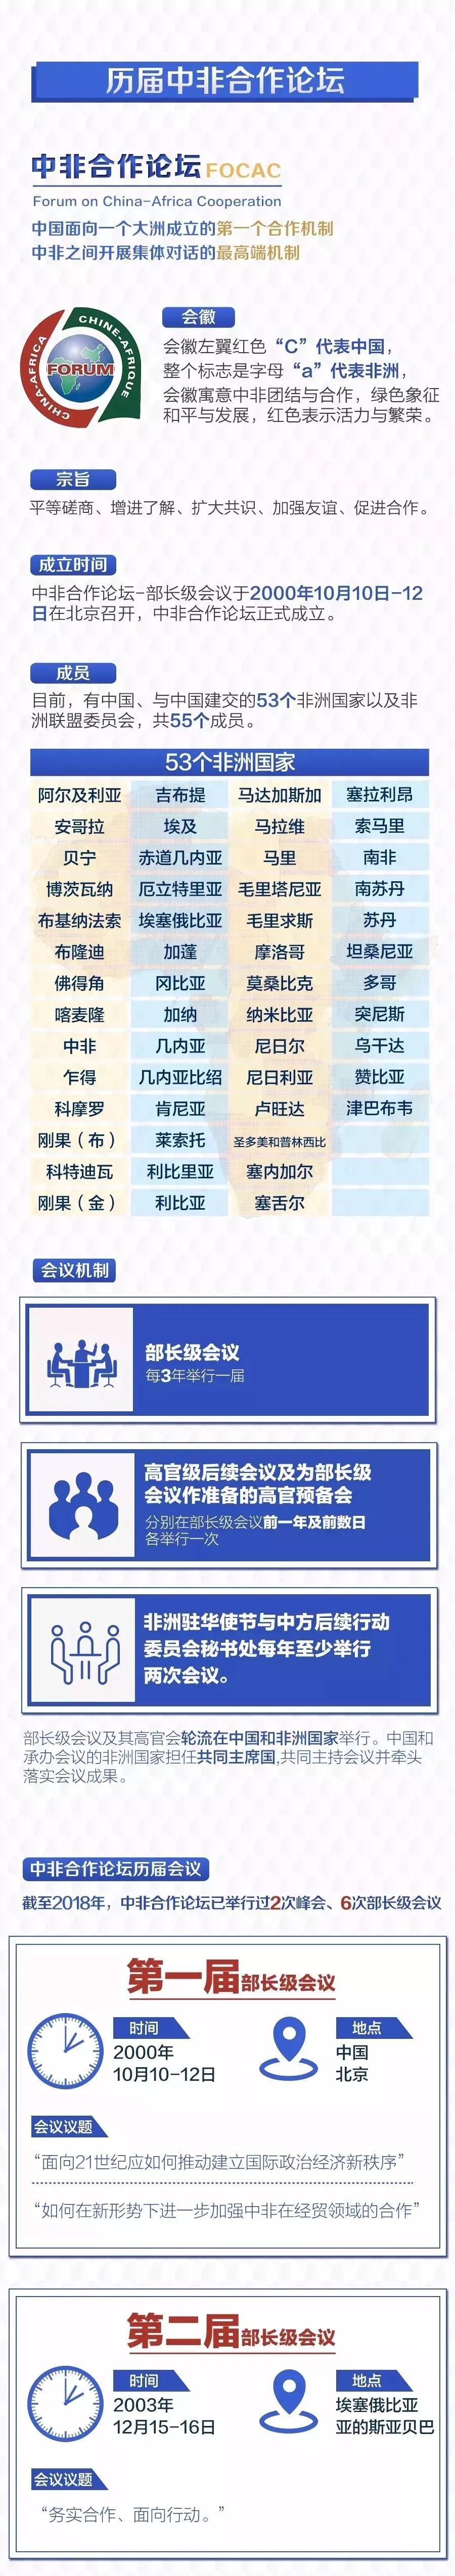 2018年中非合作论坛北京峰会于9月3日至4日举行